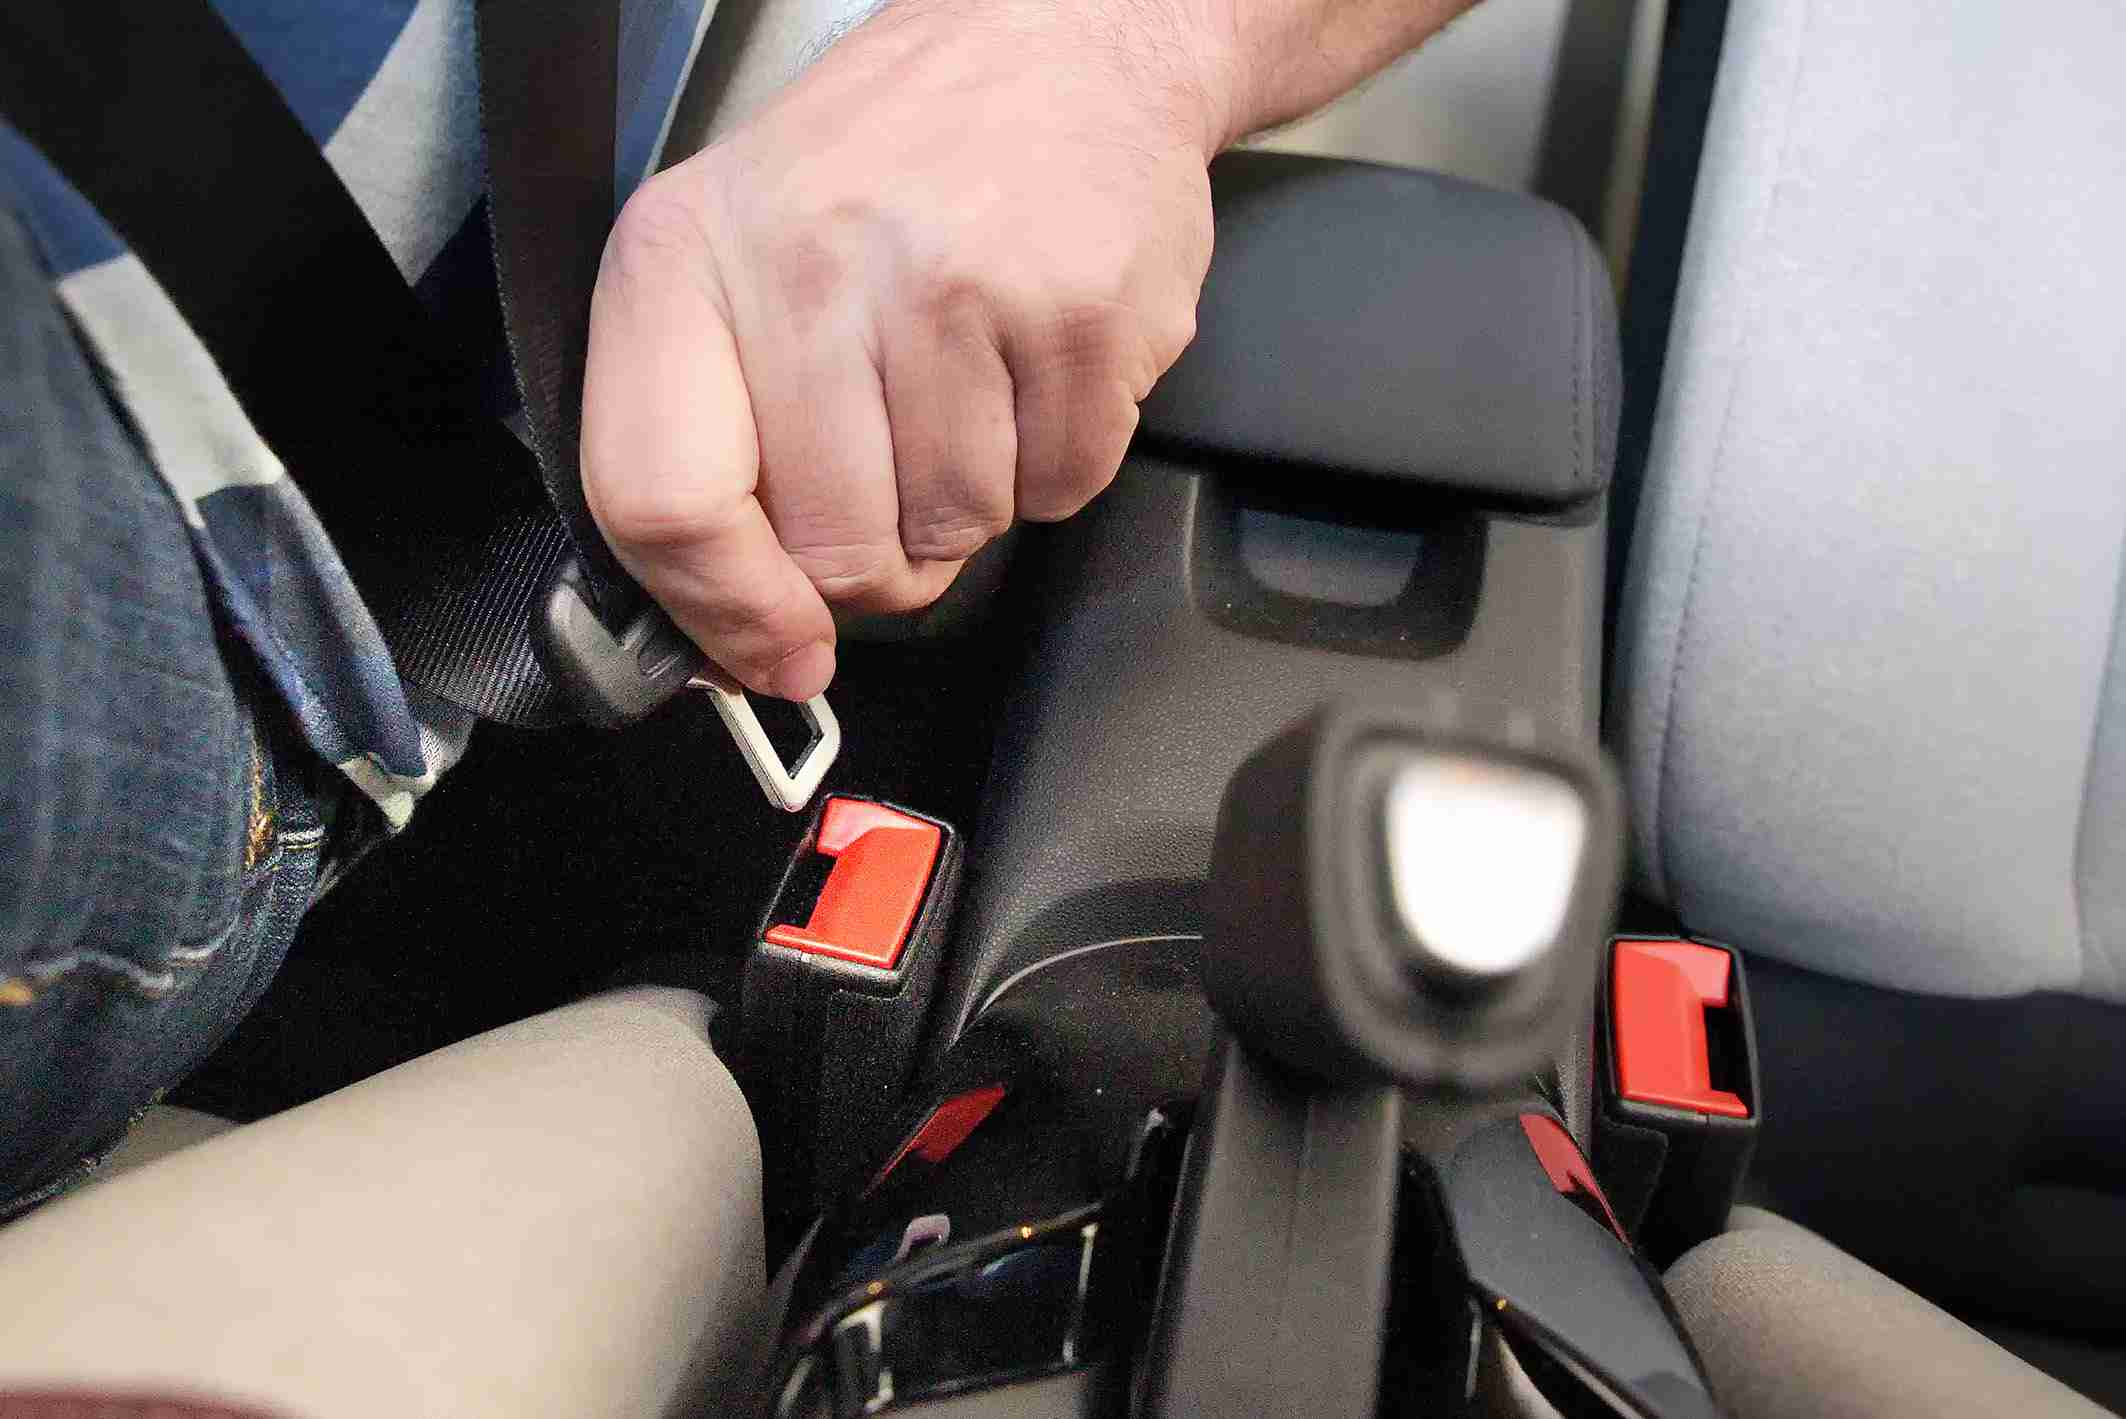 La campaña especial sobre el uso del cinturón de seguridad y los SRI finaliza con tan solo el 1,7 % de los conductores sancionados 3